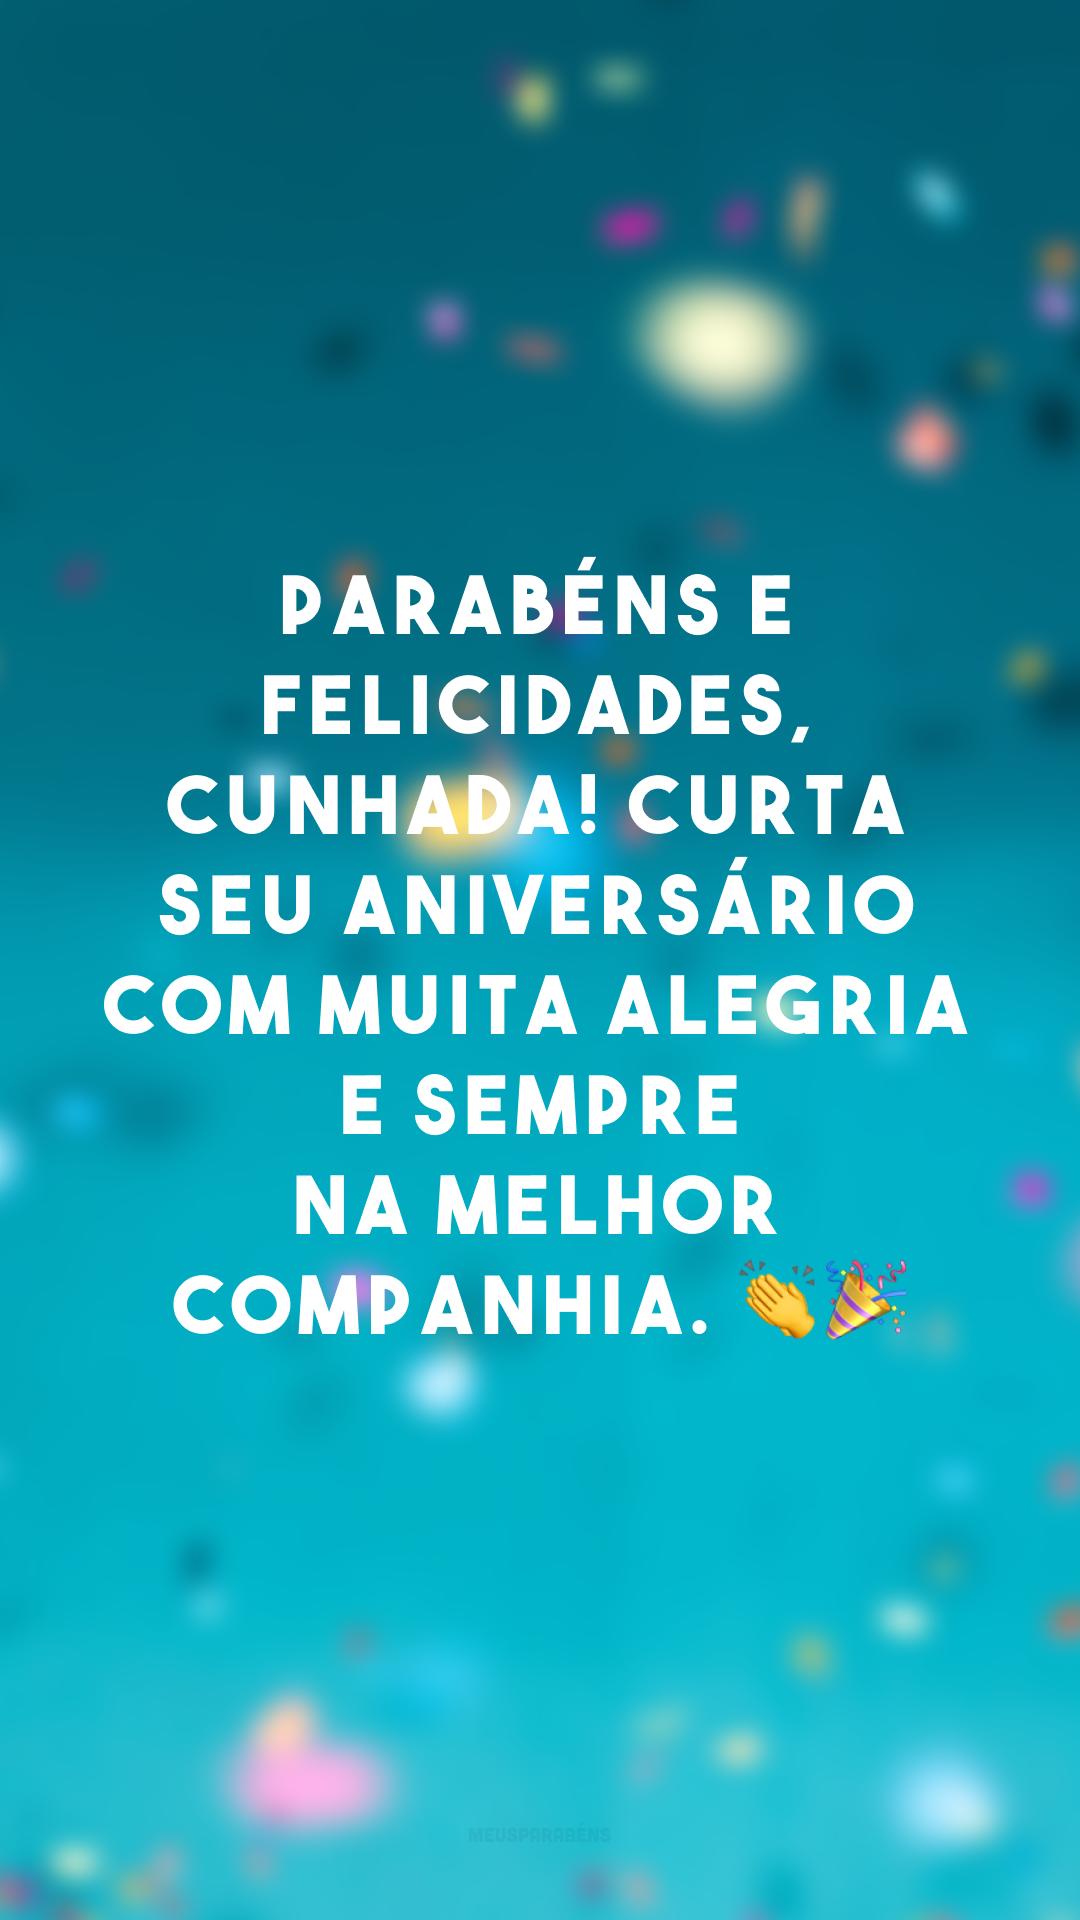 Parabéns e felicidades, cunhada! Curta seu aniversário com muita alegria e sempre na melhor companhia. 👏🎉